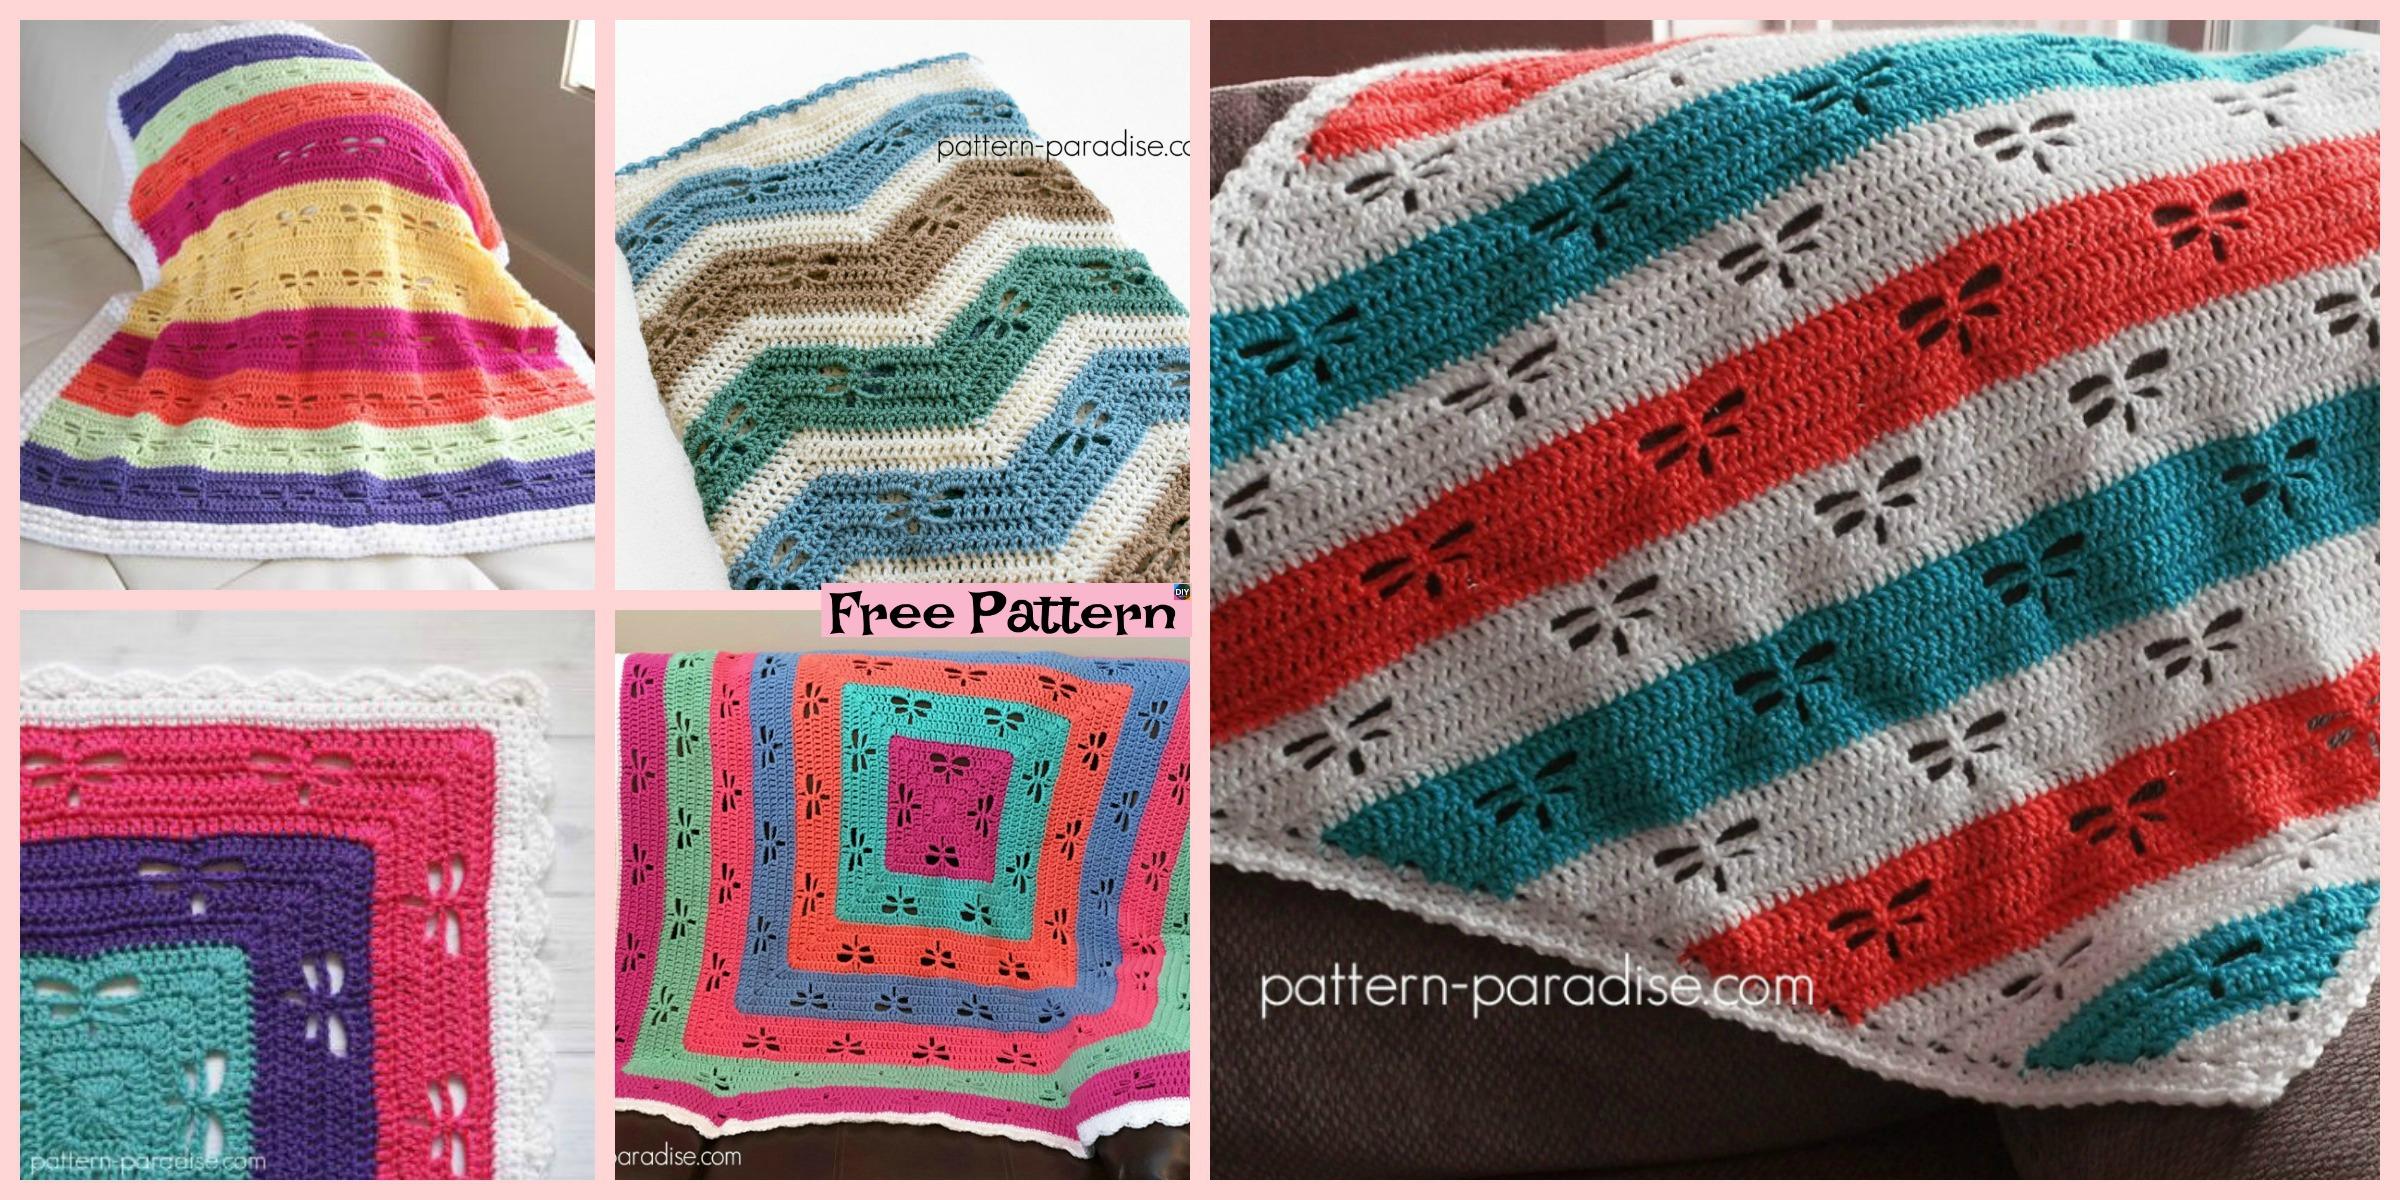 Crochet Dragonfly Stitch Blanket – Free Patterns